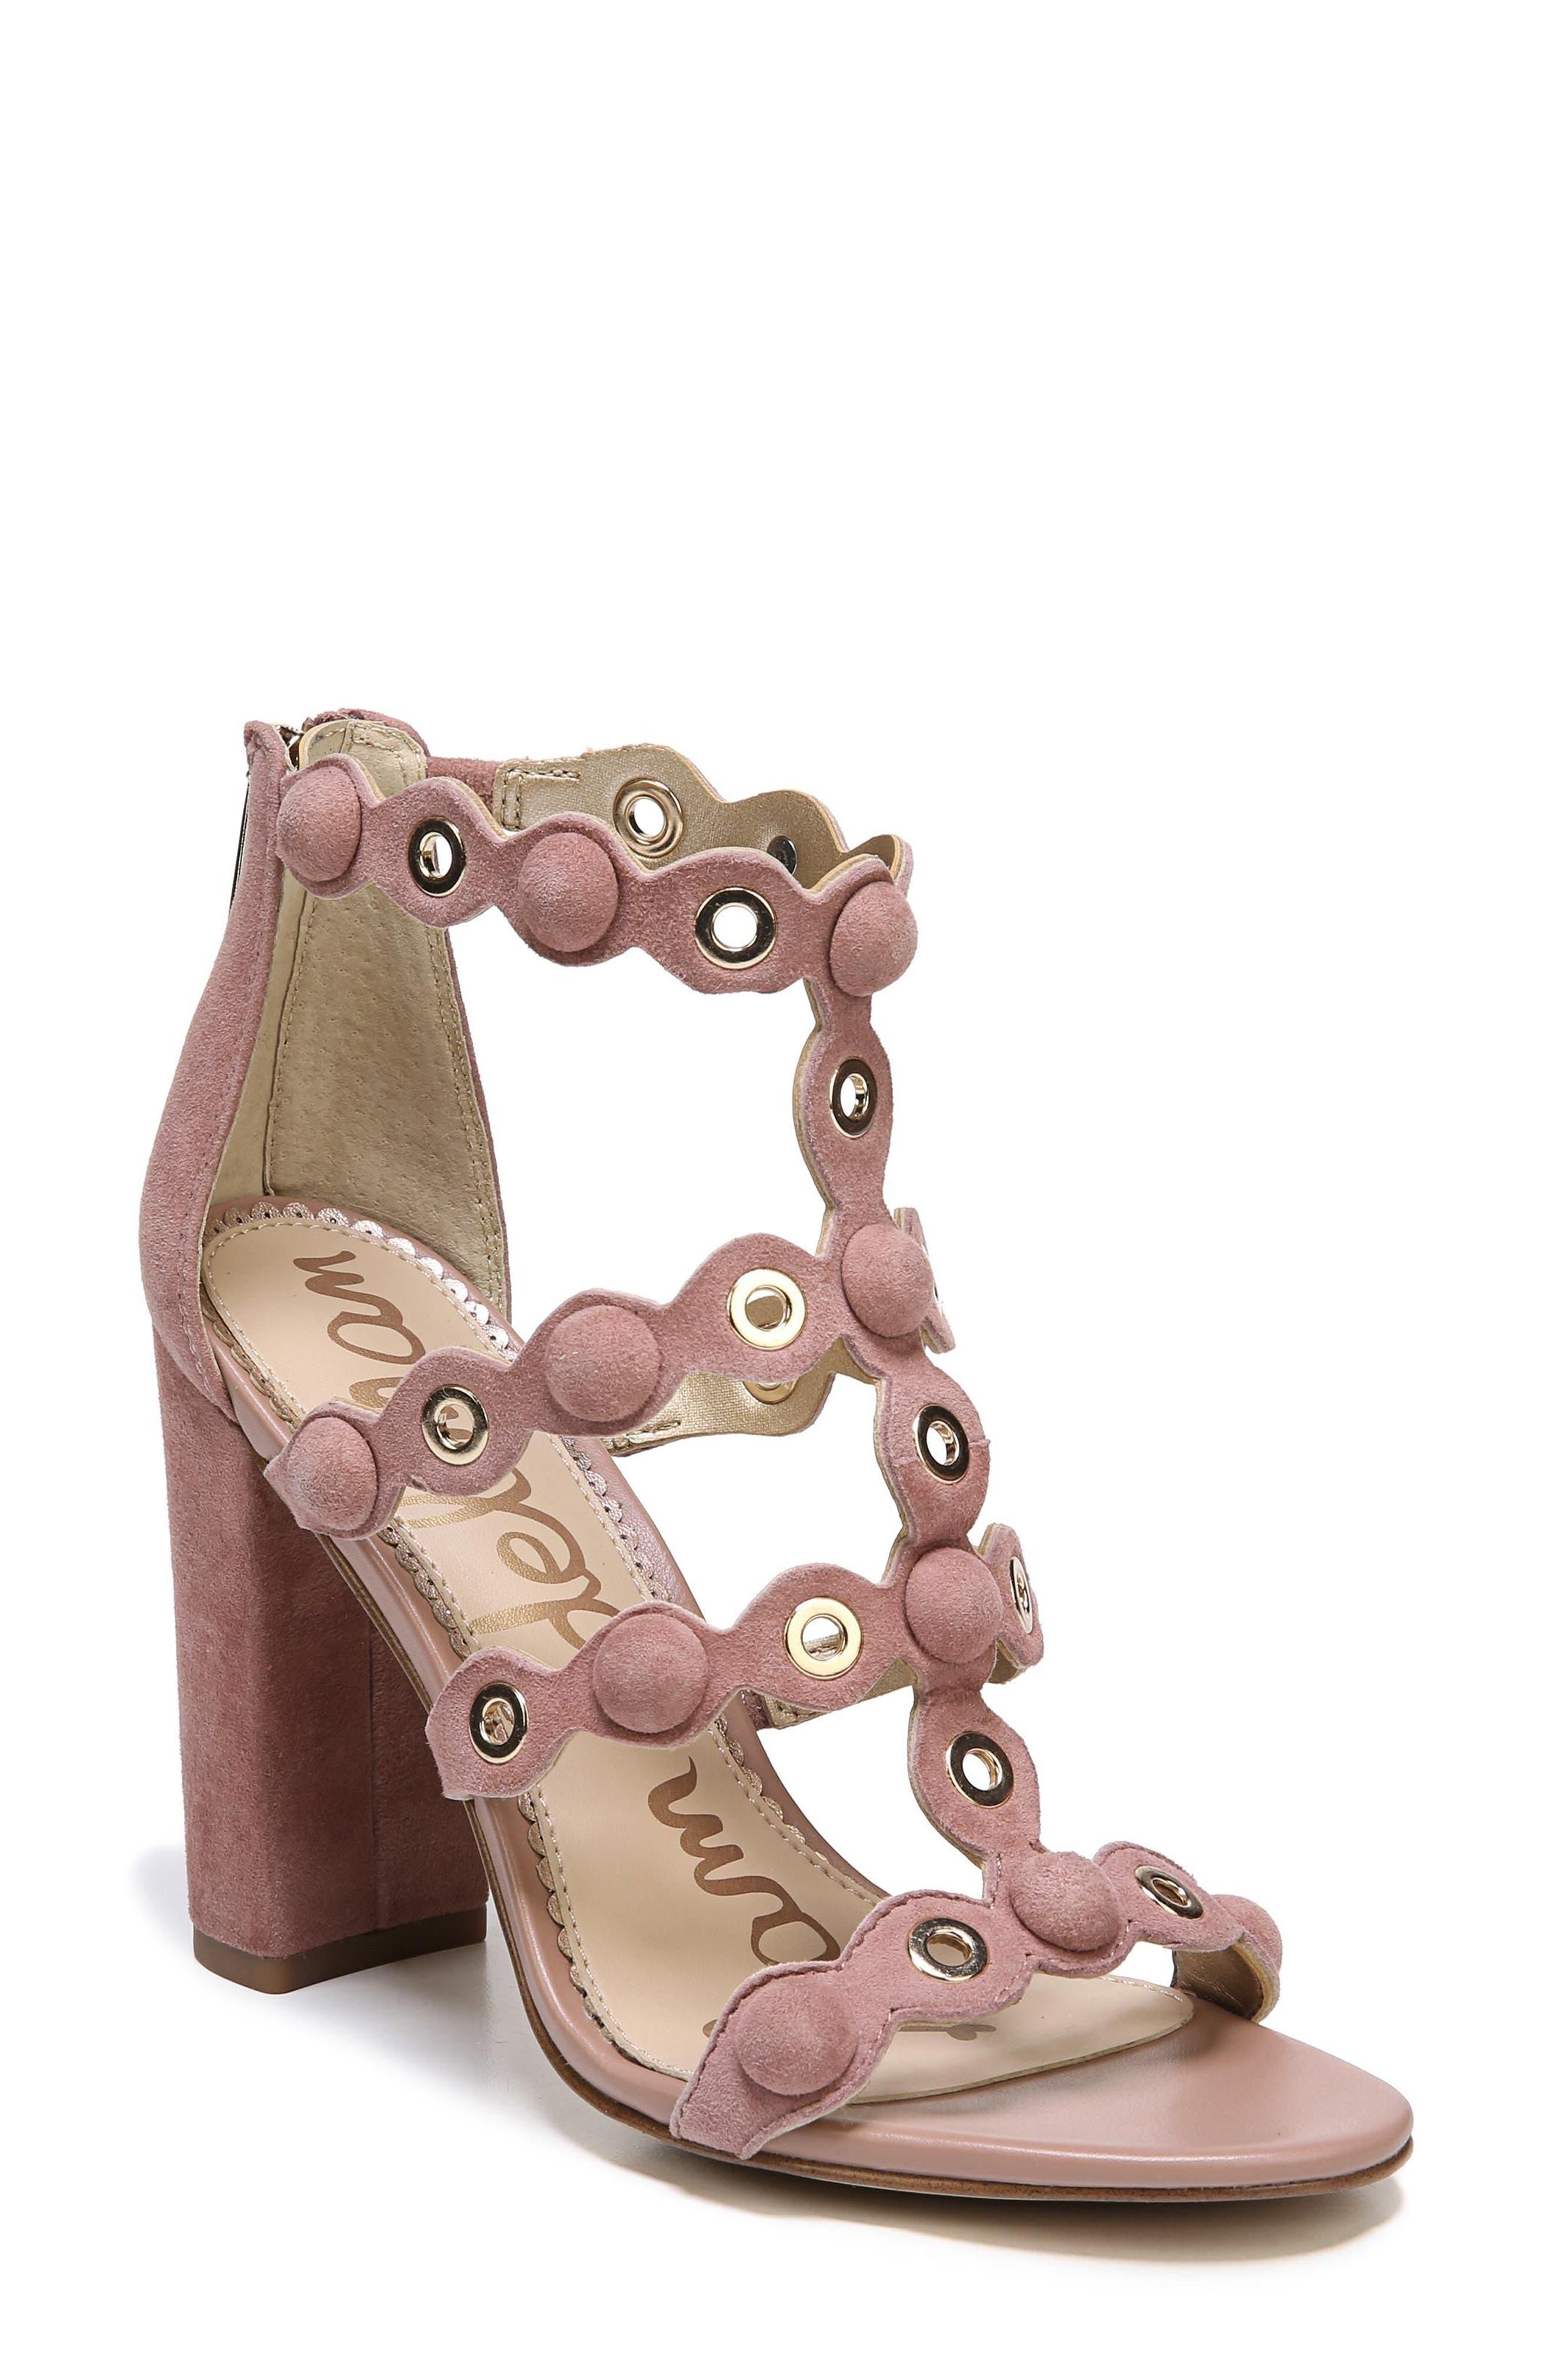 Alternate Image 1 Selected - Sam Edelman Yuli Grommet Sandal (Women)